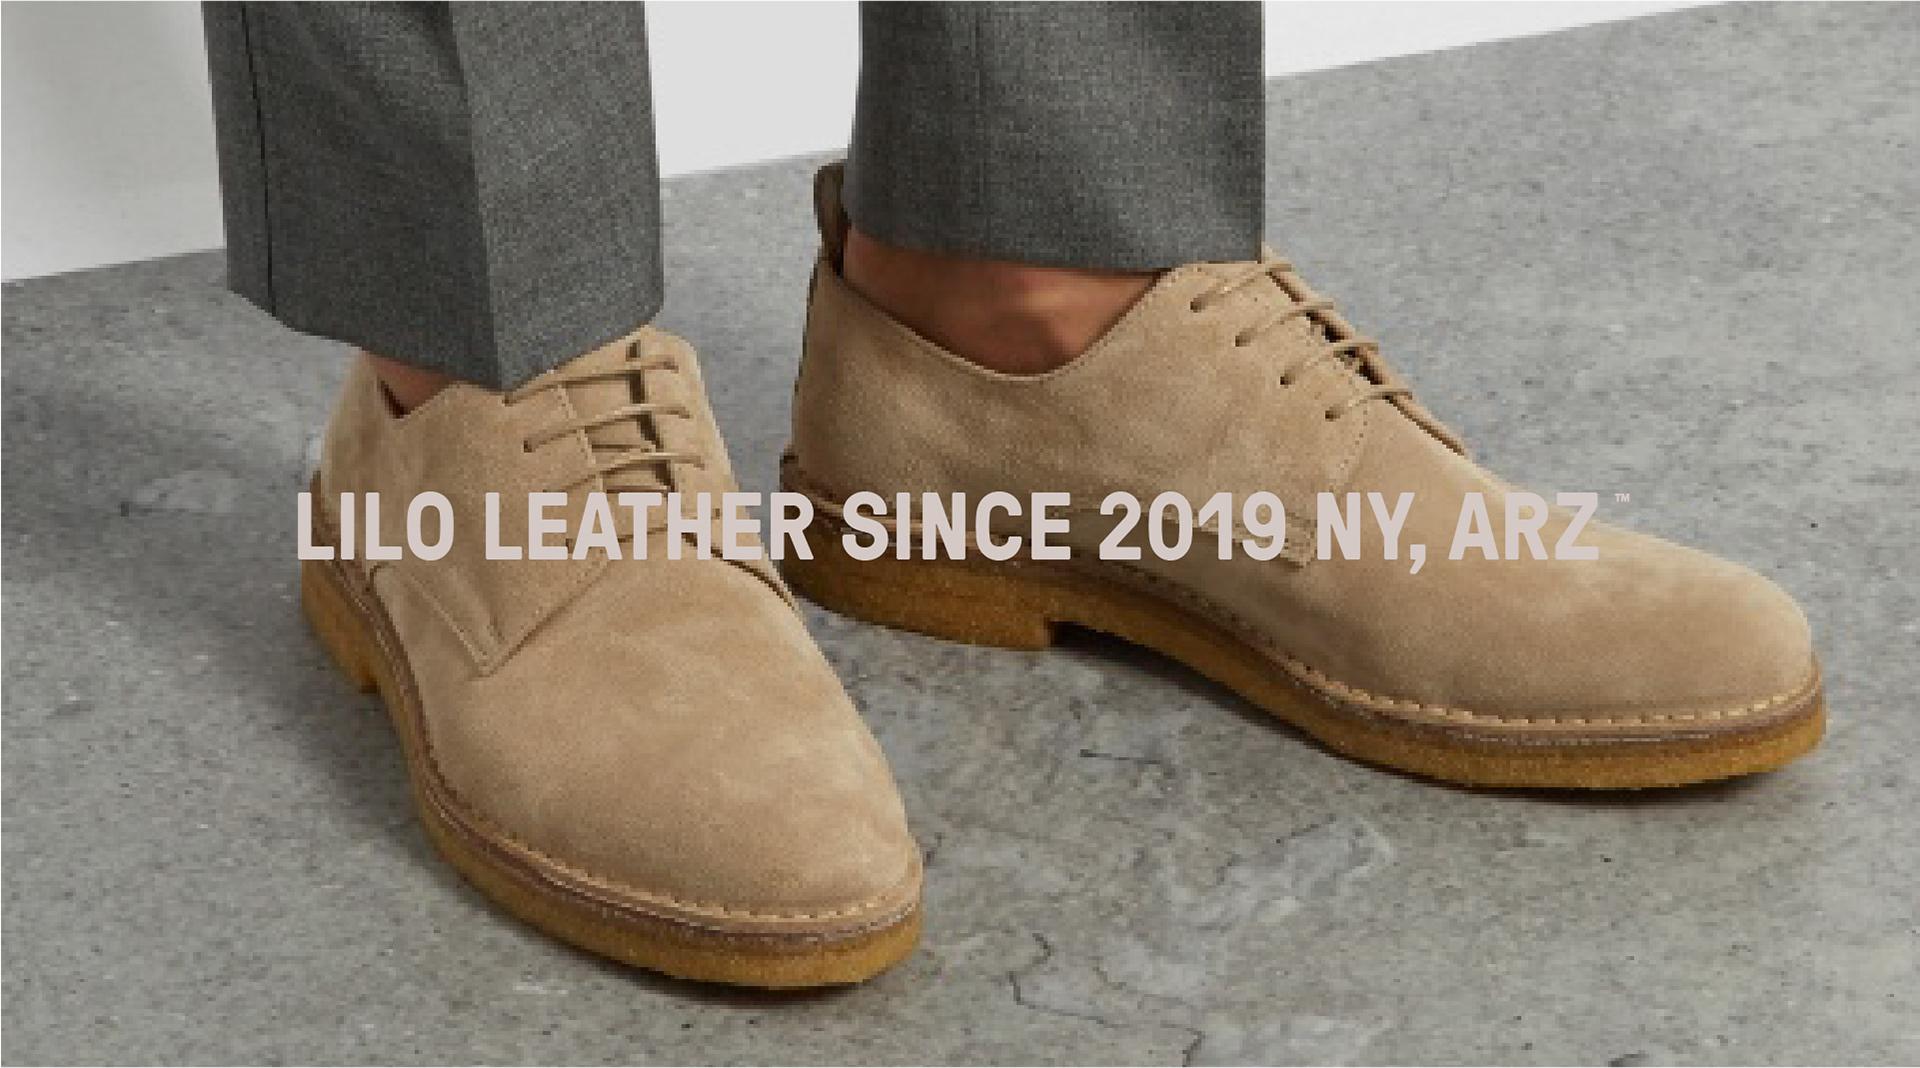 100%再生皮革制造的男鞋品牌Lilo™视觉设计欣赏